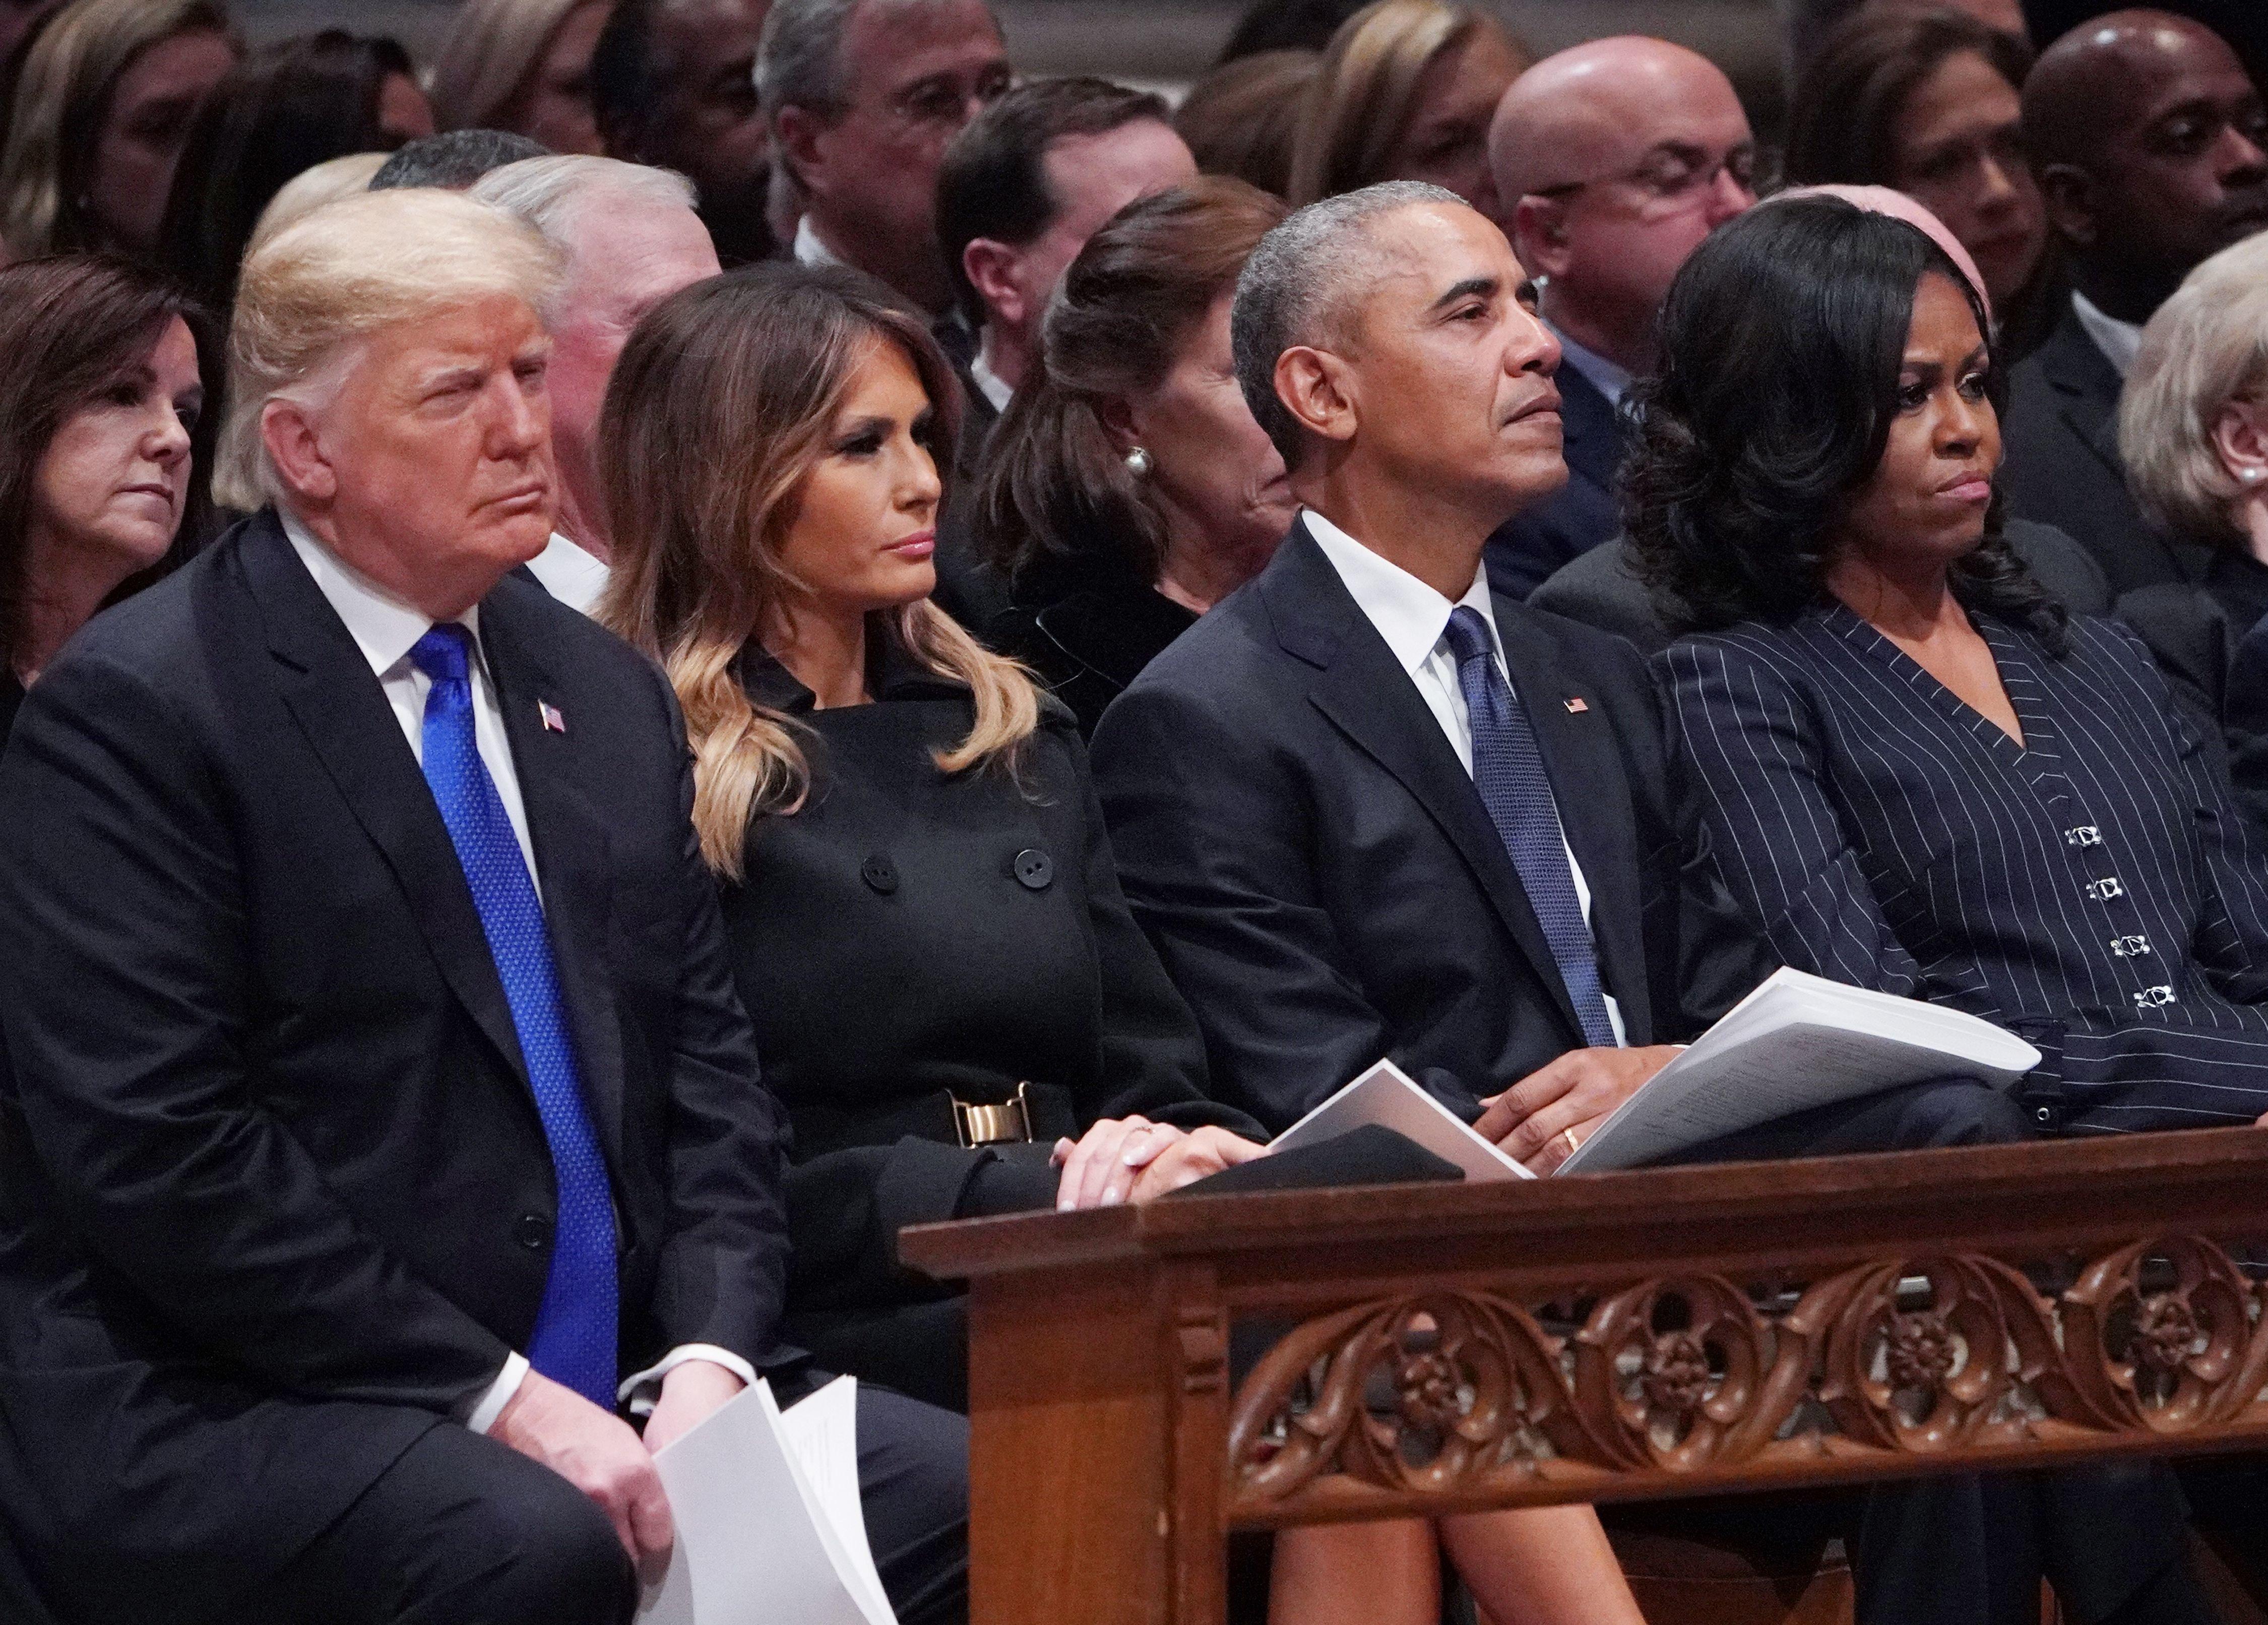 Trump und Obama: Über diese 3 Szenen auf der Trauerfeier für Bush sprechen die